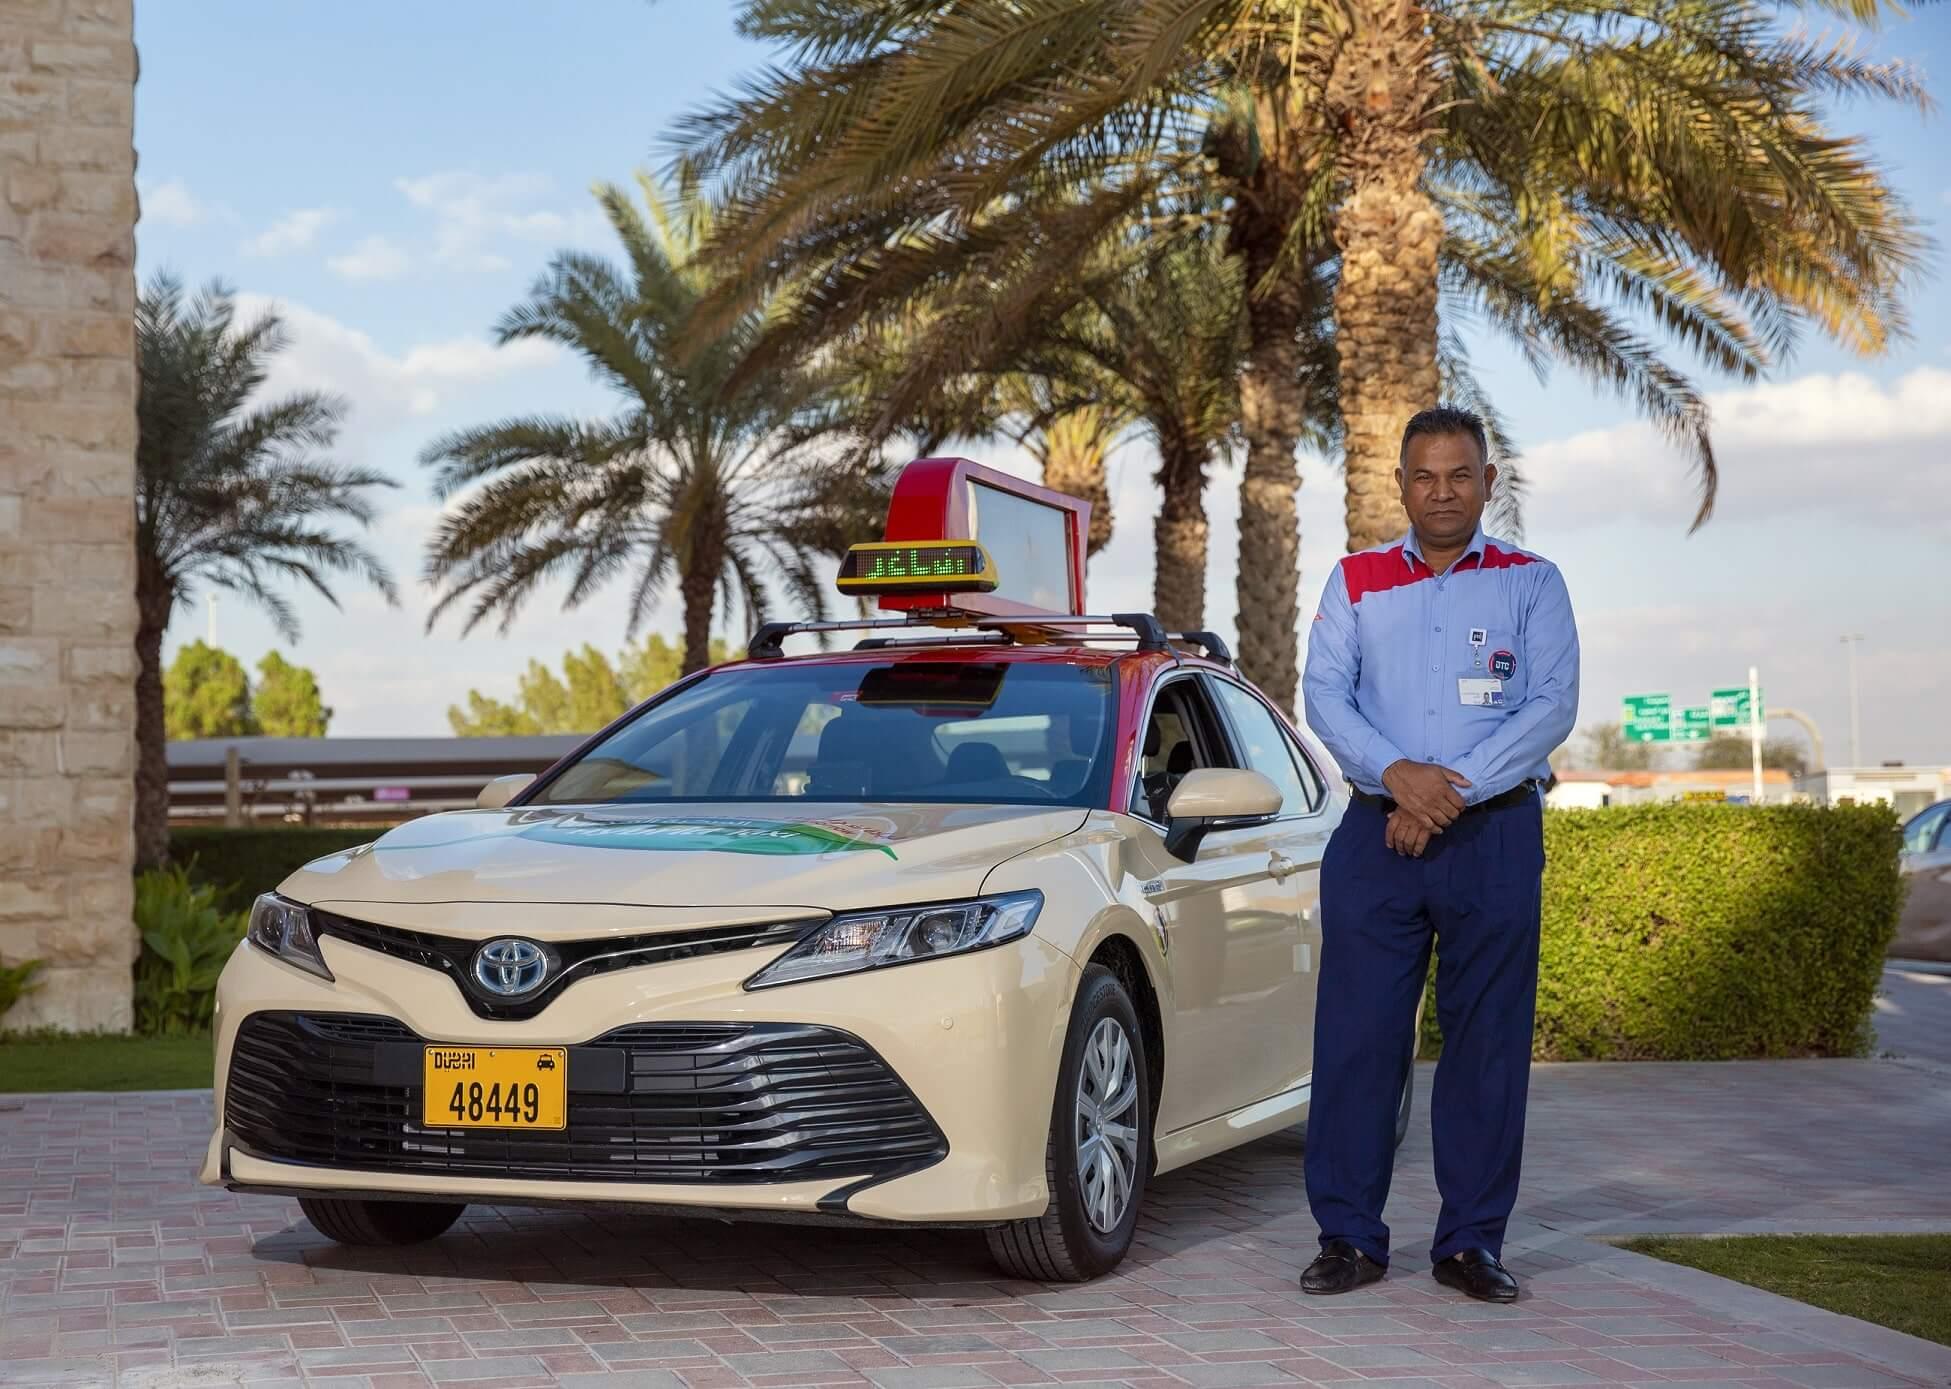 Dubai Taxi, Cheapest Dubai Transportation